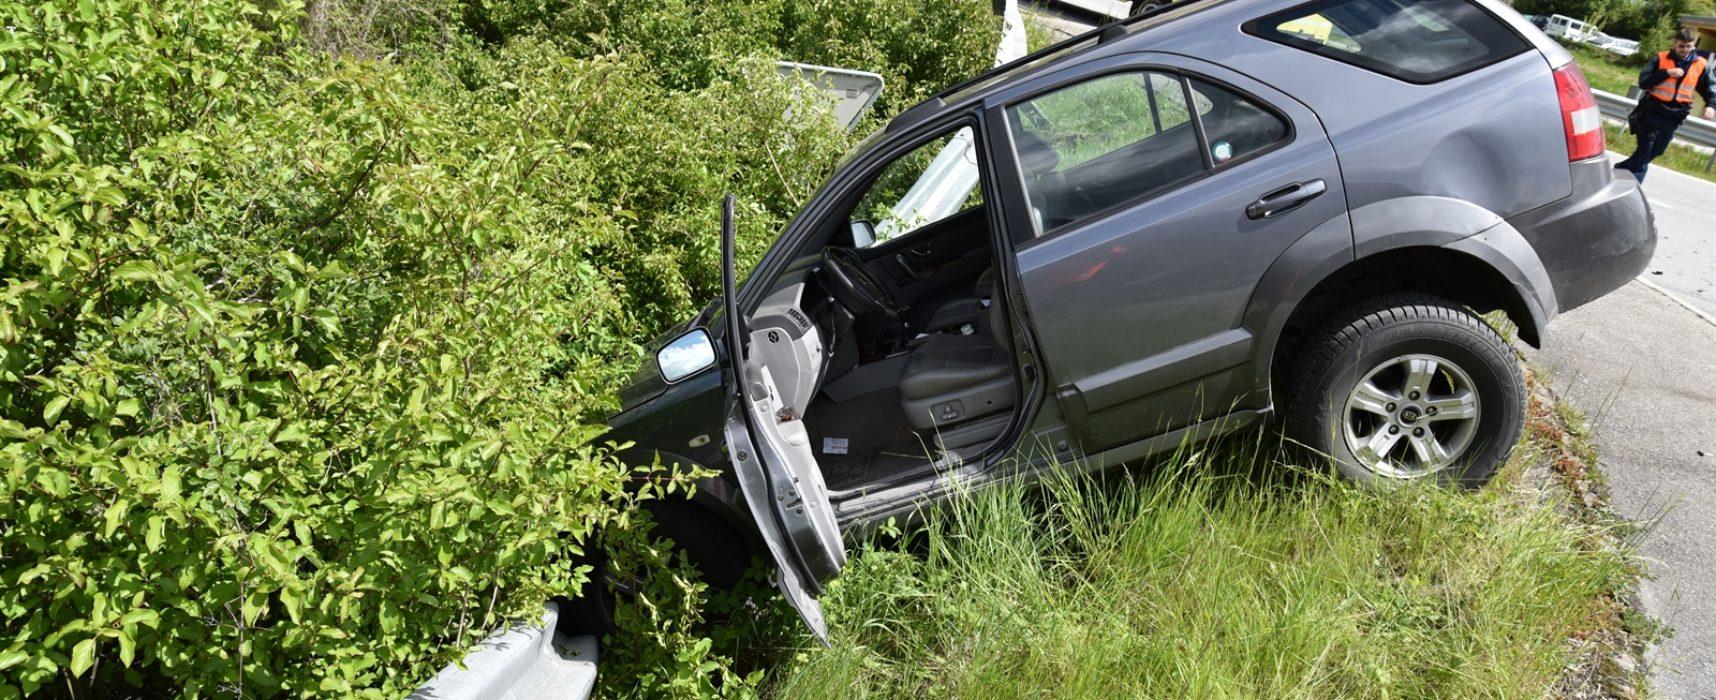 Rothenbrunnen: Unfall auf Kreuzung